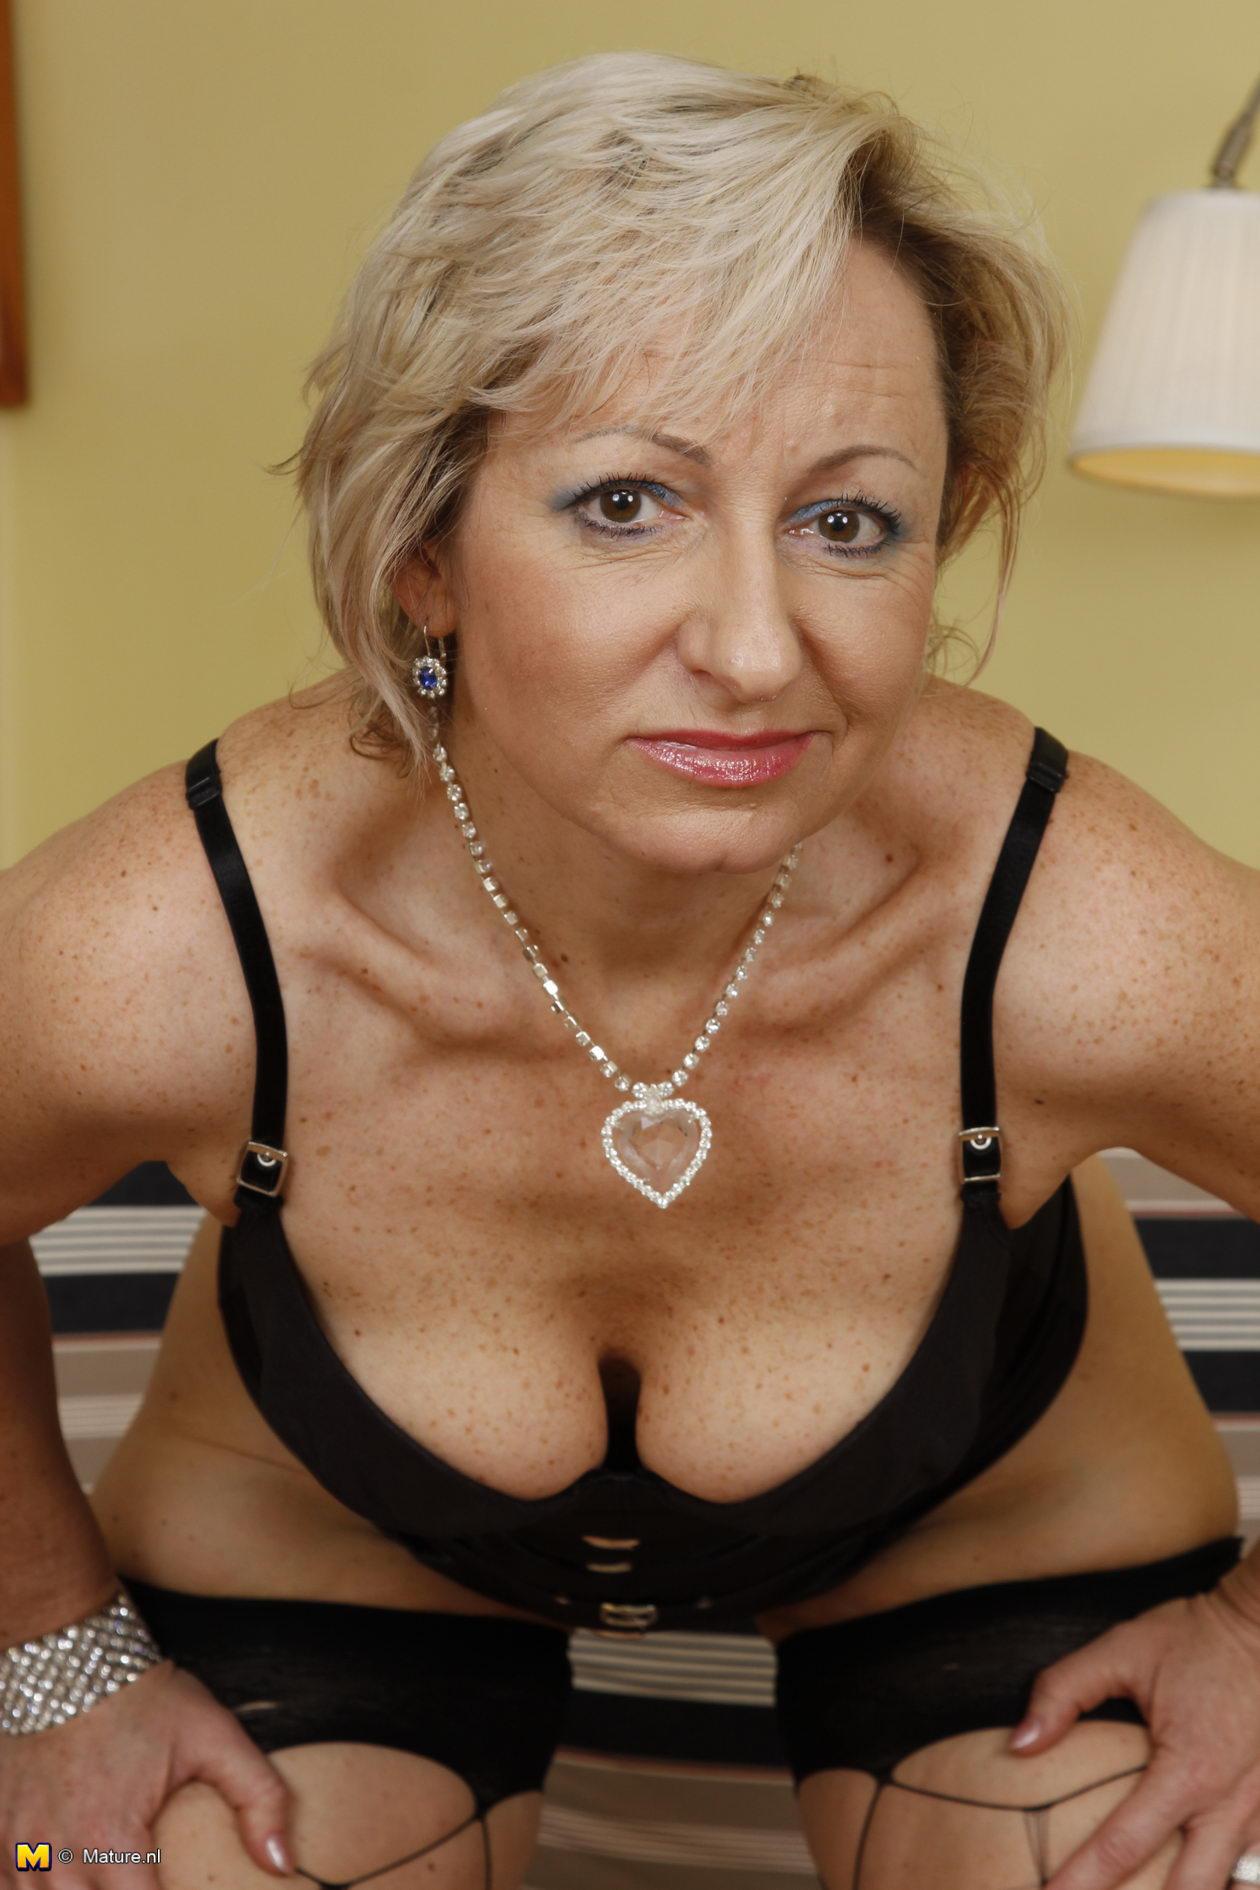 blonde wife nude